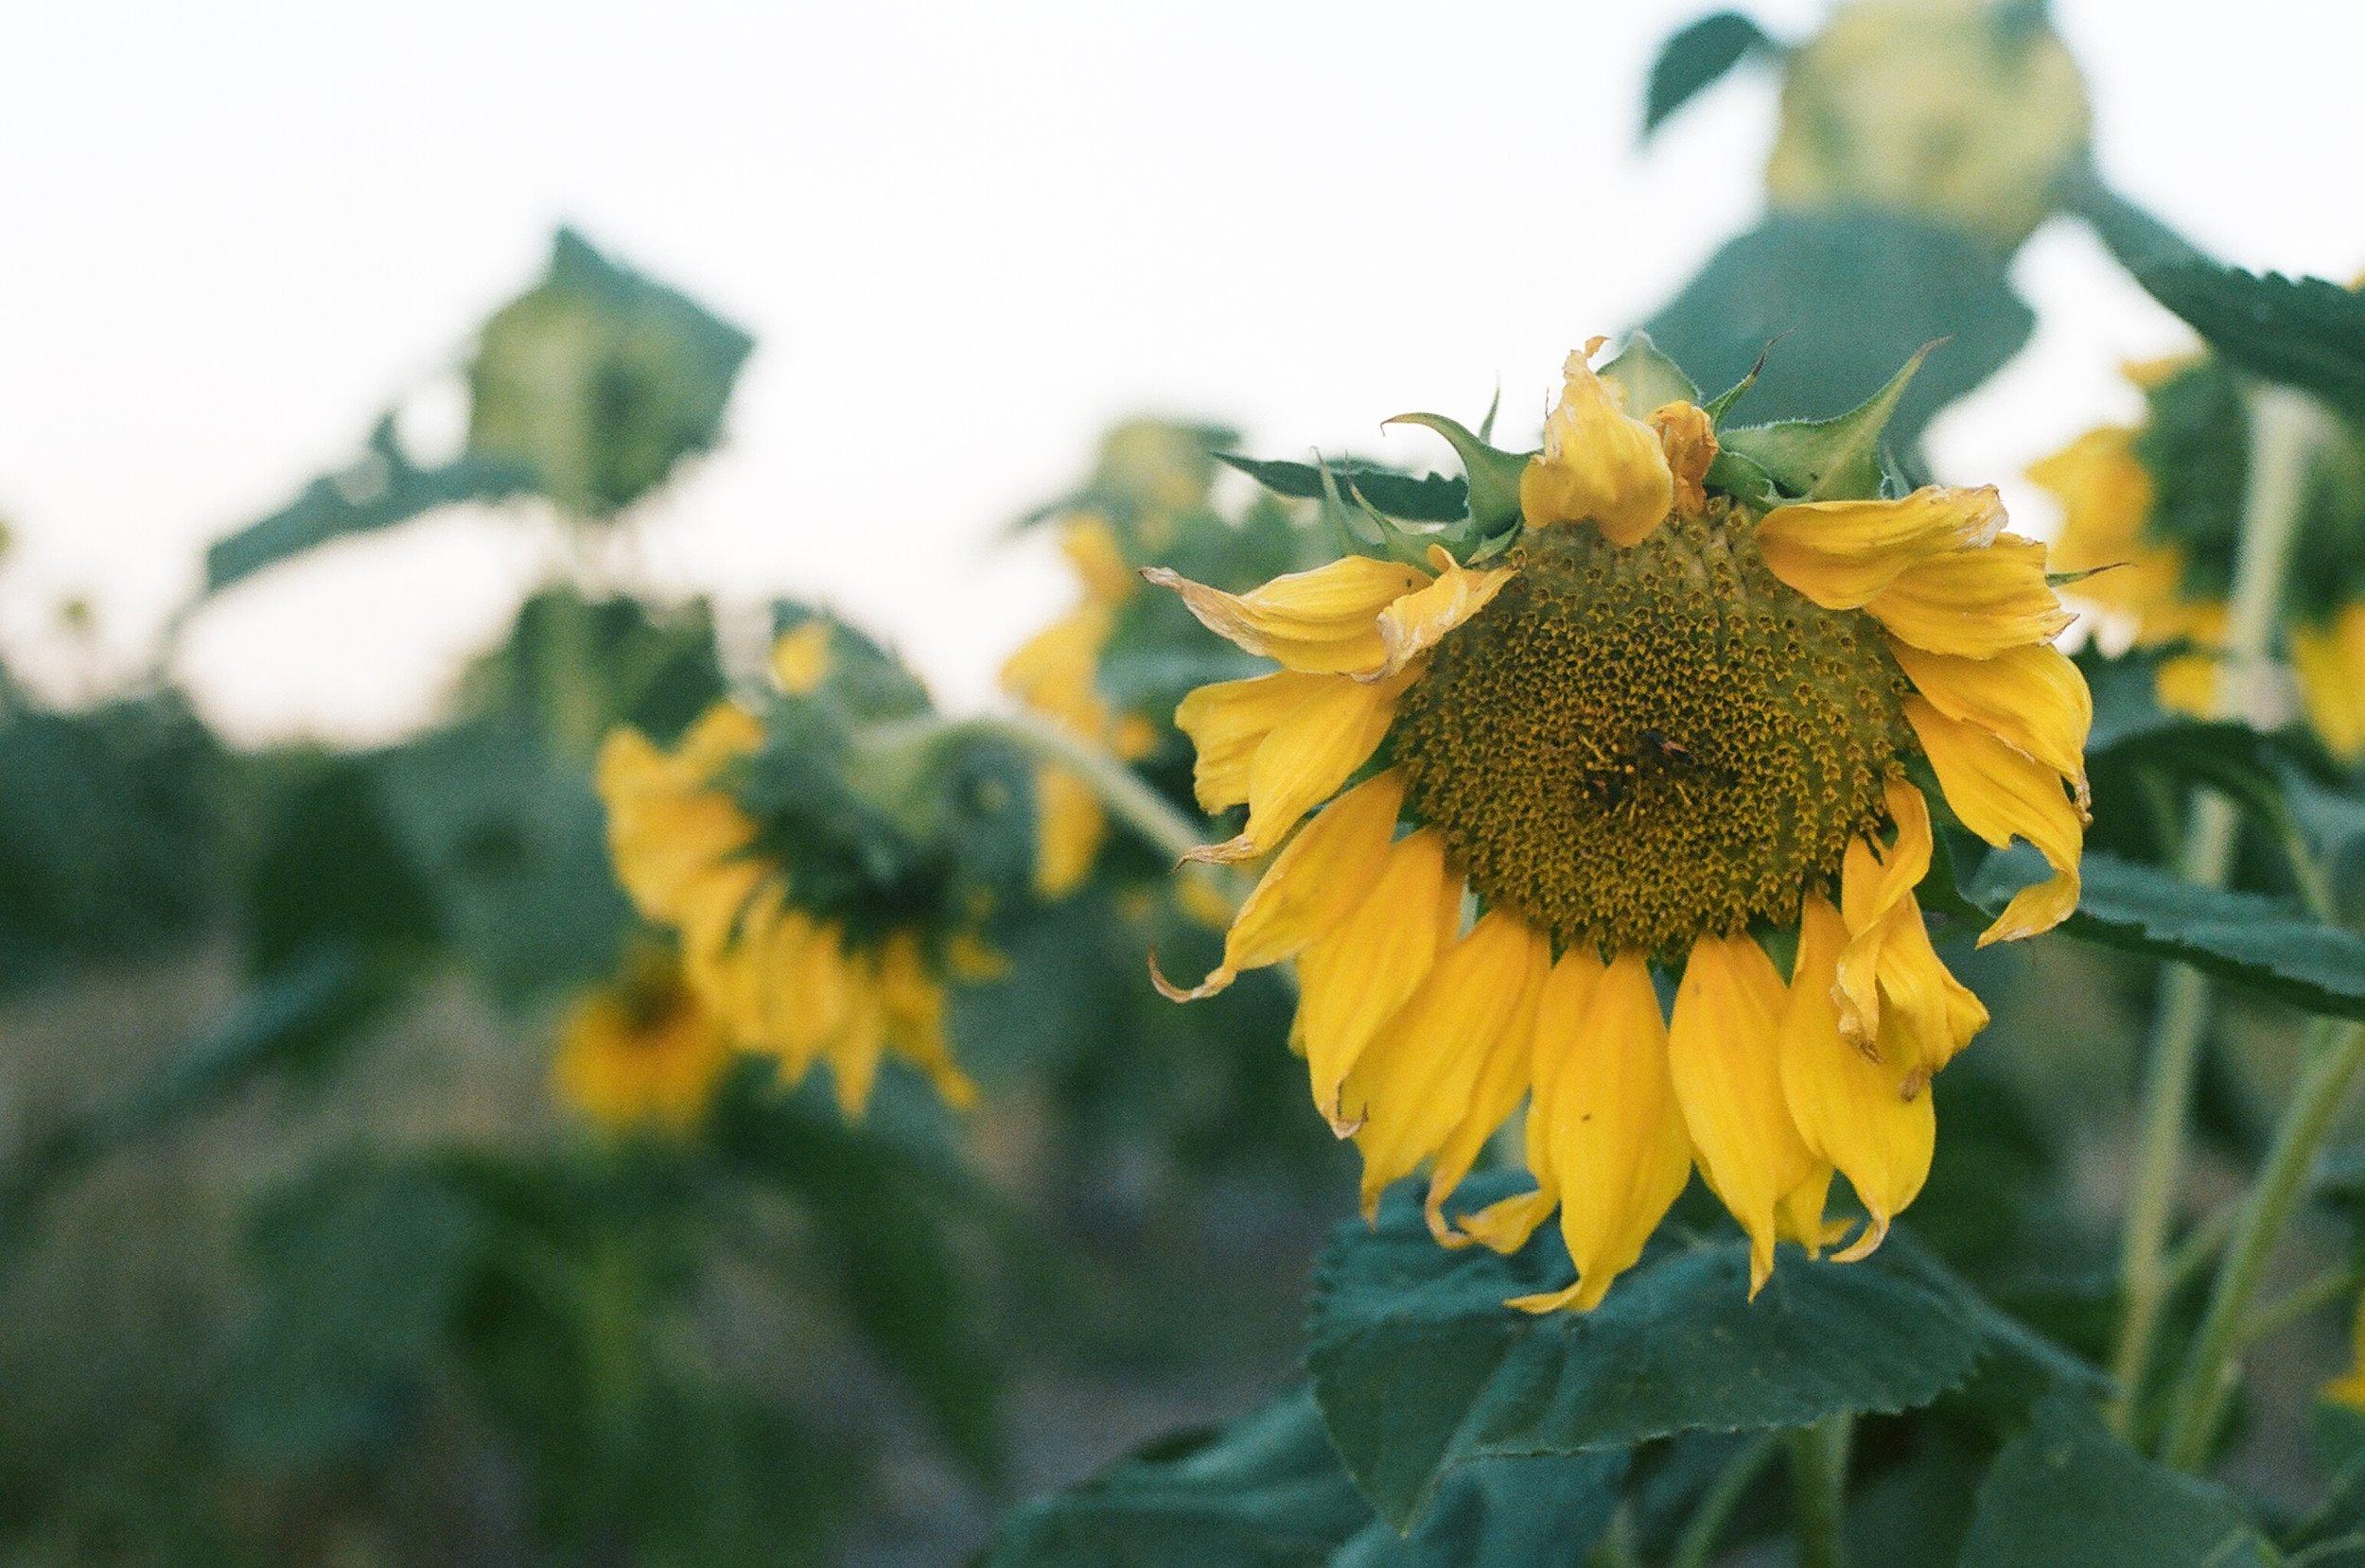 Sunflowers #004